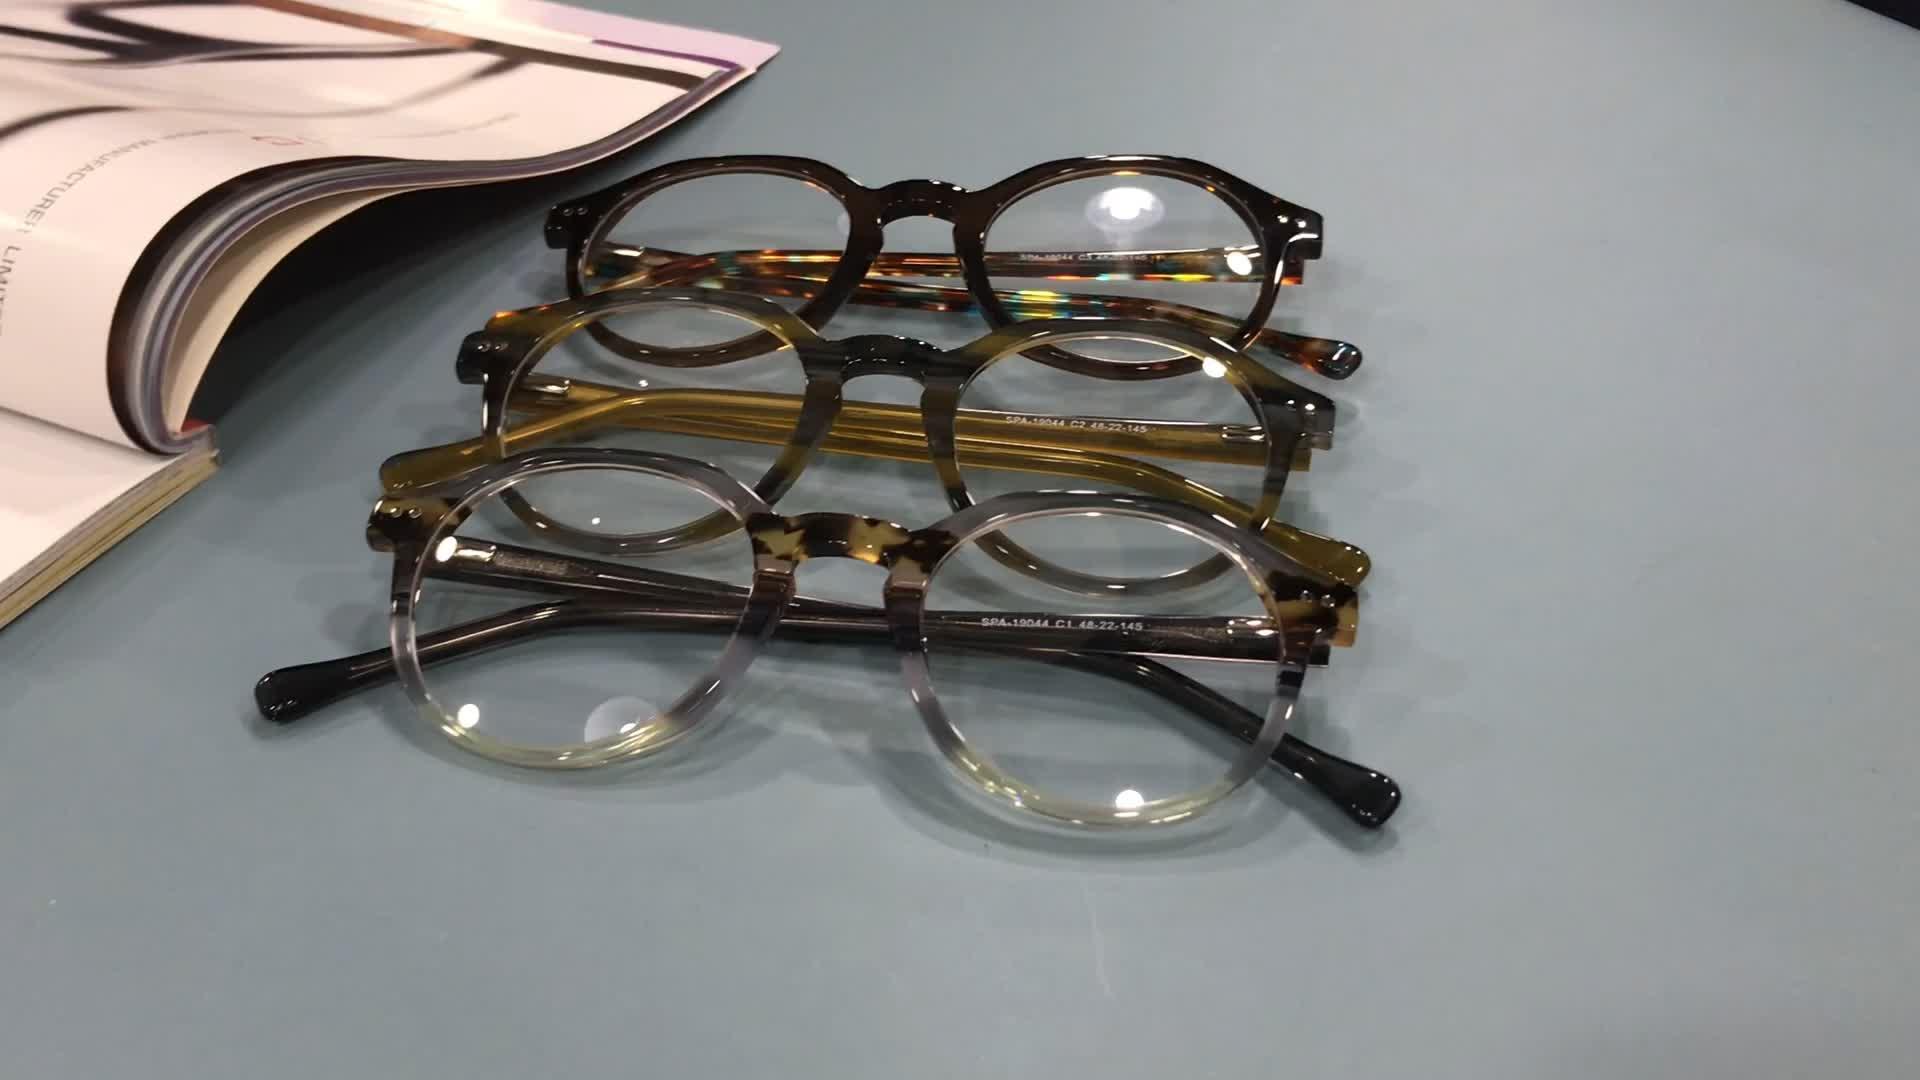 2020 חדש מותאם אישית קלאסי באיכות משקפיים אצטט משקפיים אופטי מסגרות